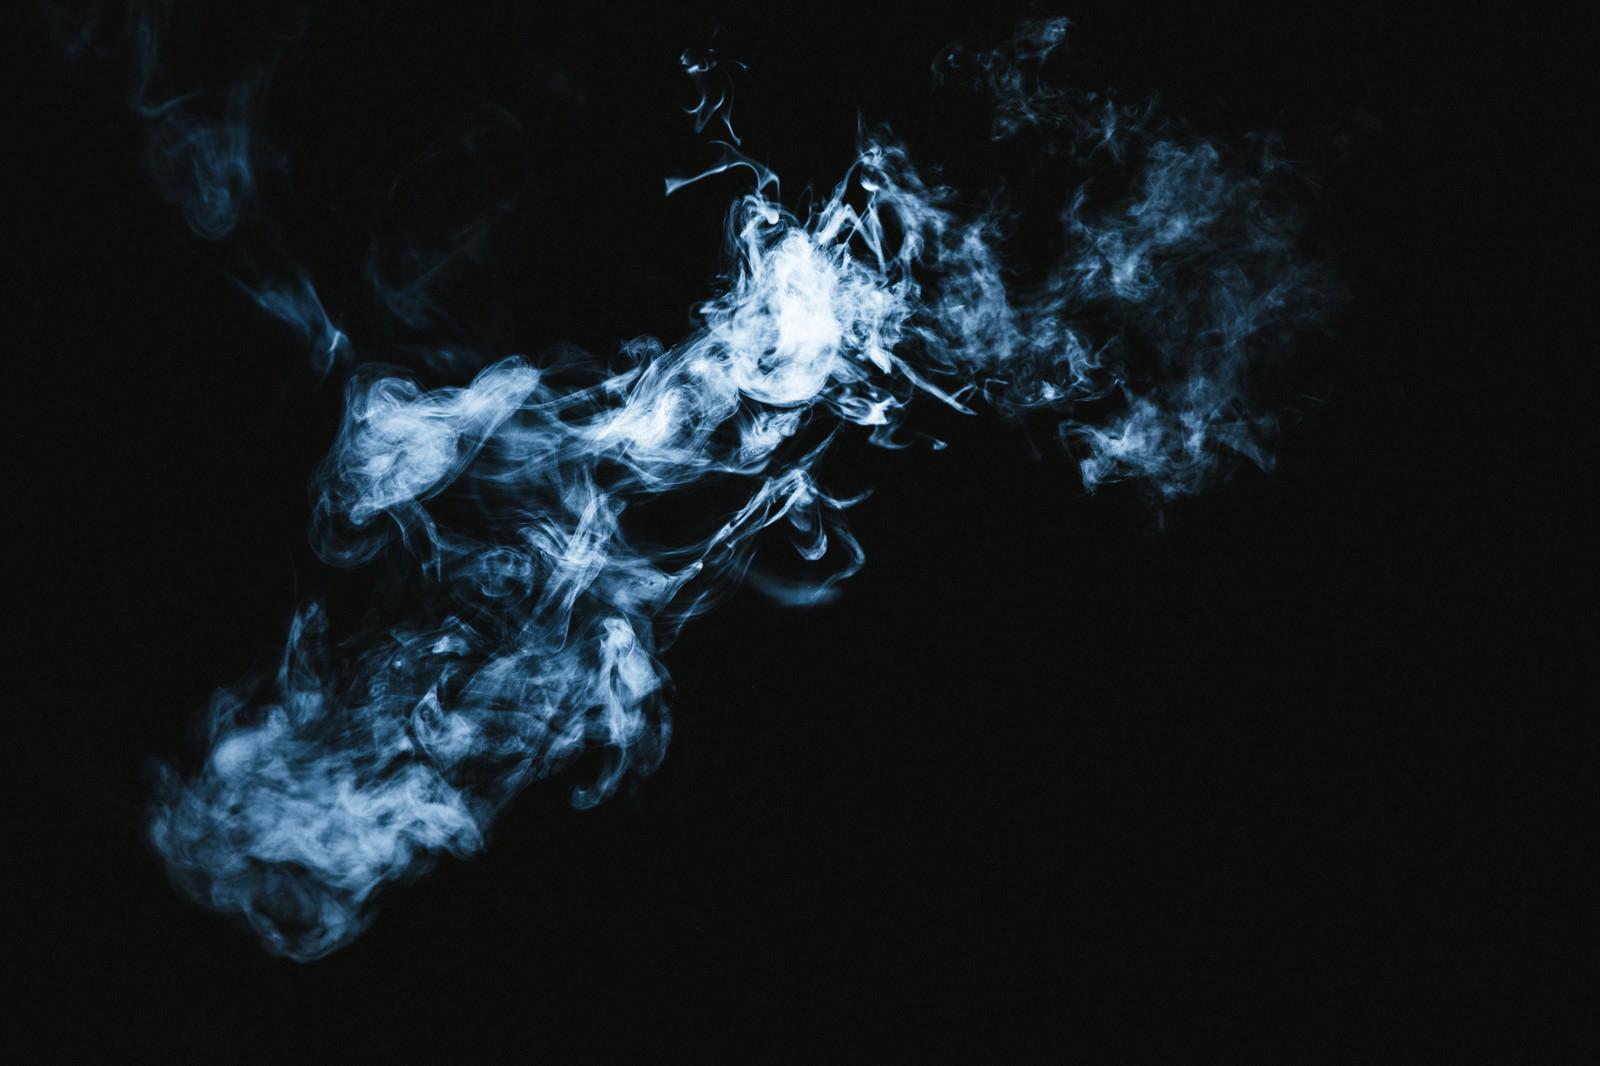 「煙(スモーク)」の写真